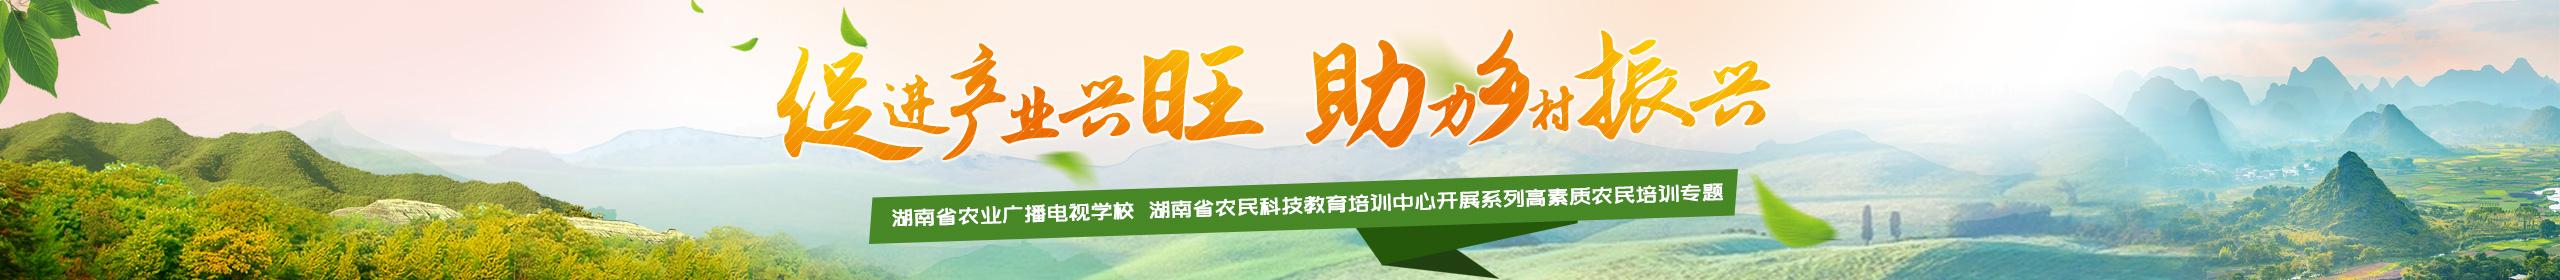 促进产业兴旺 助力乡村振兴——湖南省农业广播电视学校 湖南省农民科技教育培训中心开展系列高素质农民培训专题